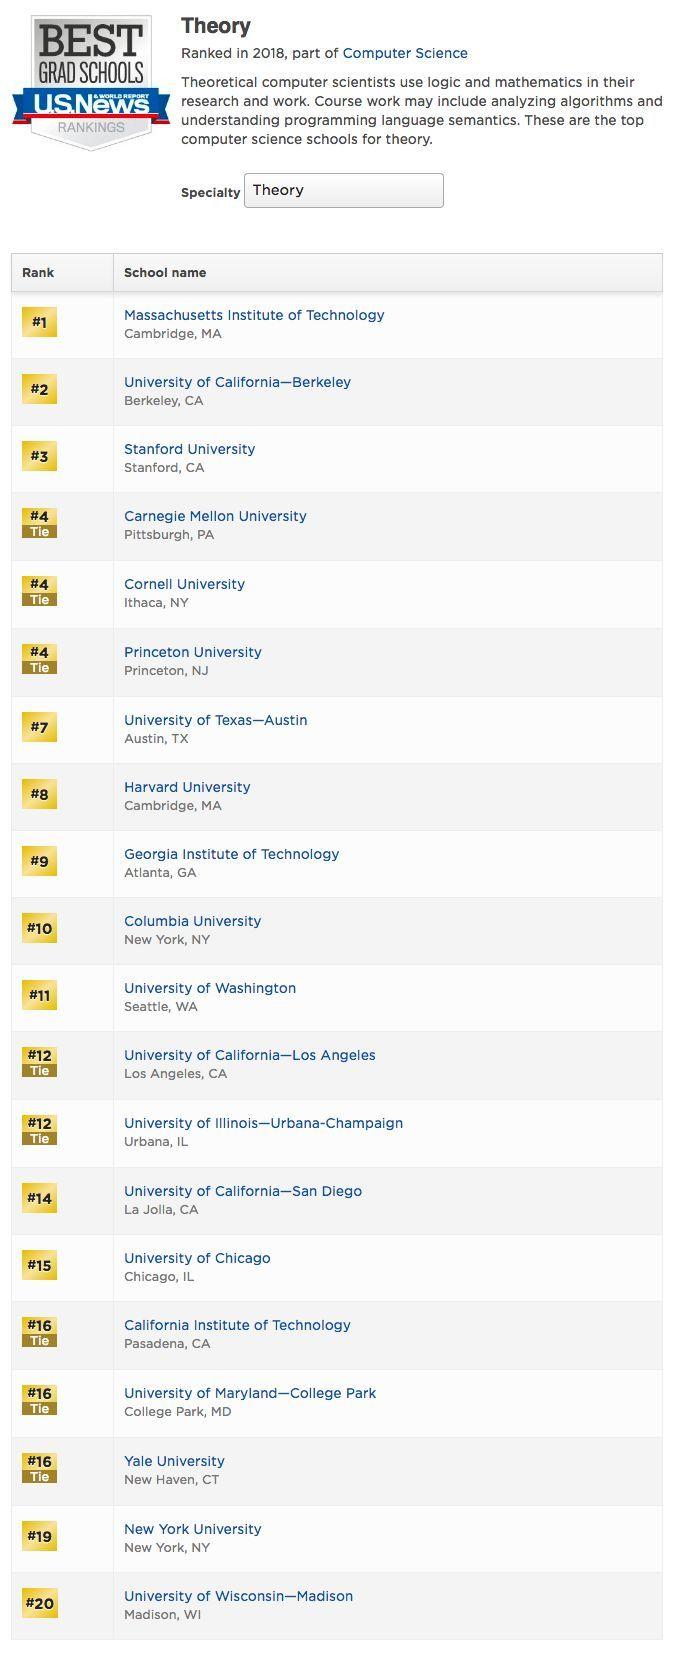 US News全美人工智能研究生院排名:CMU第一,MIT第二